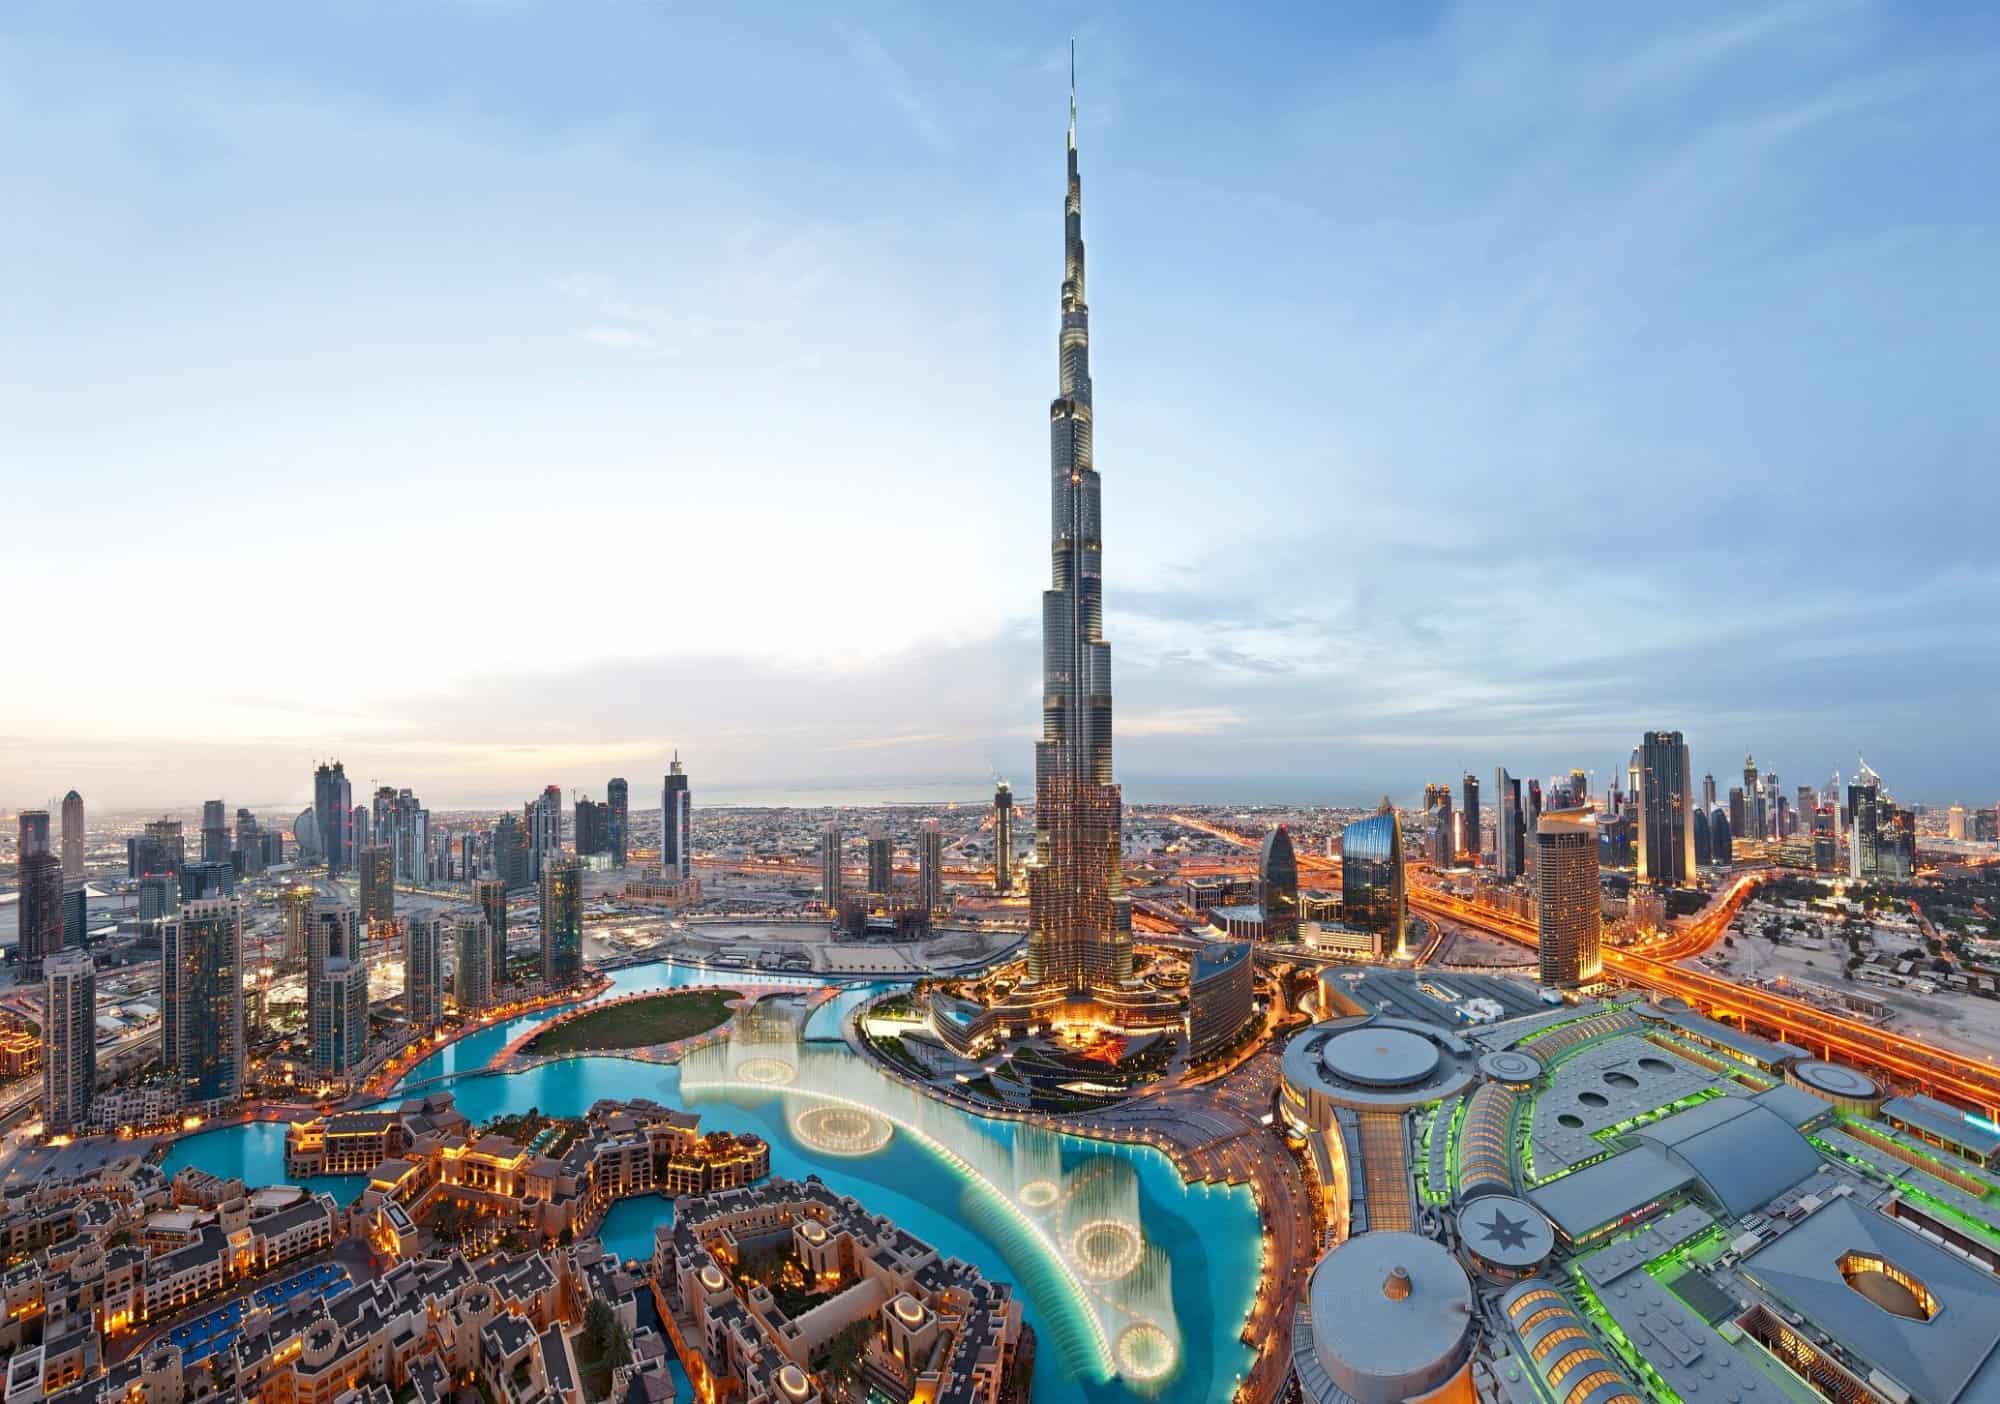 Burj Khalifa – largest building